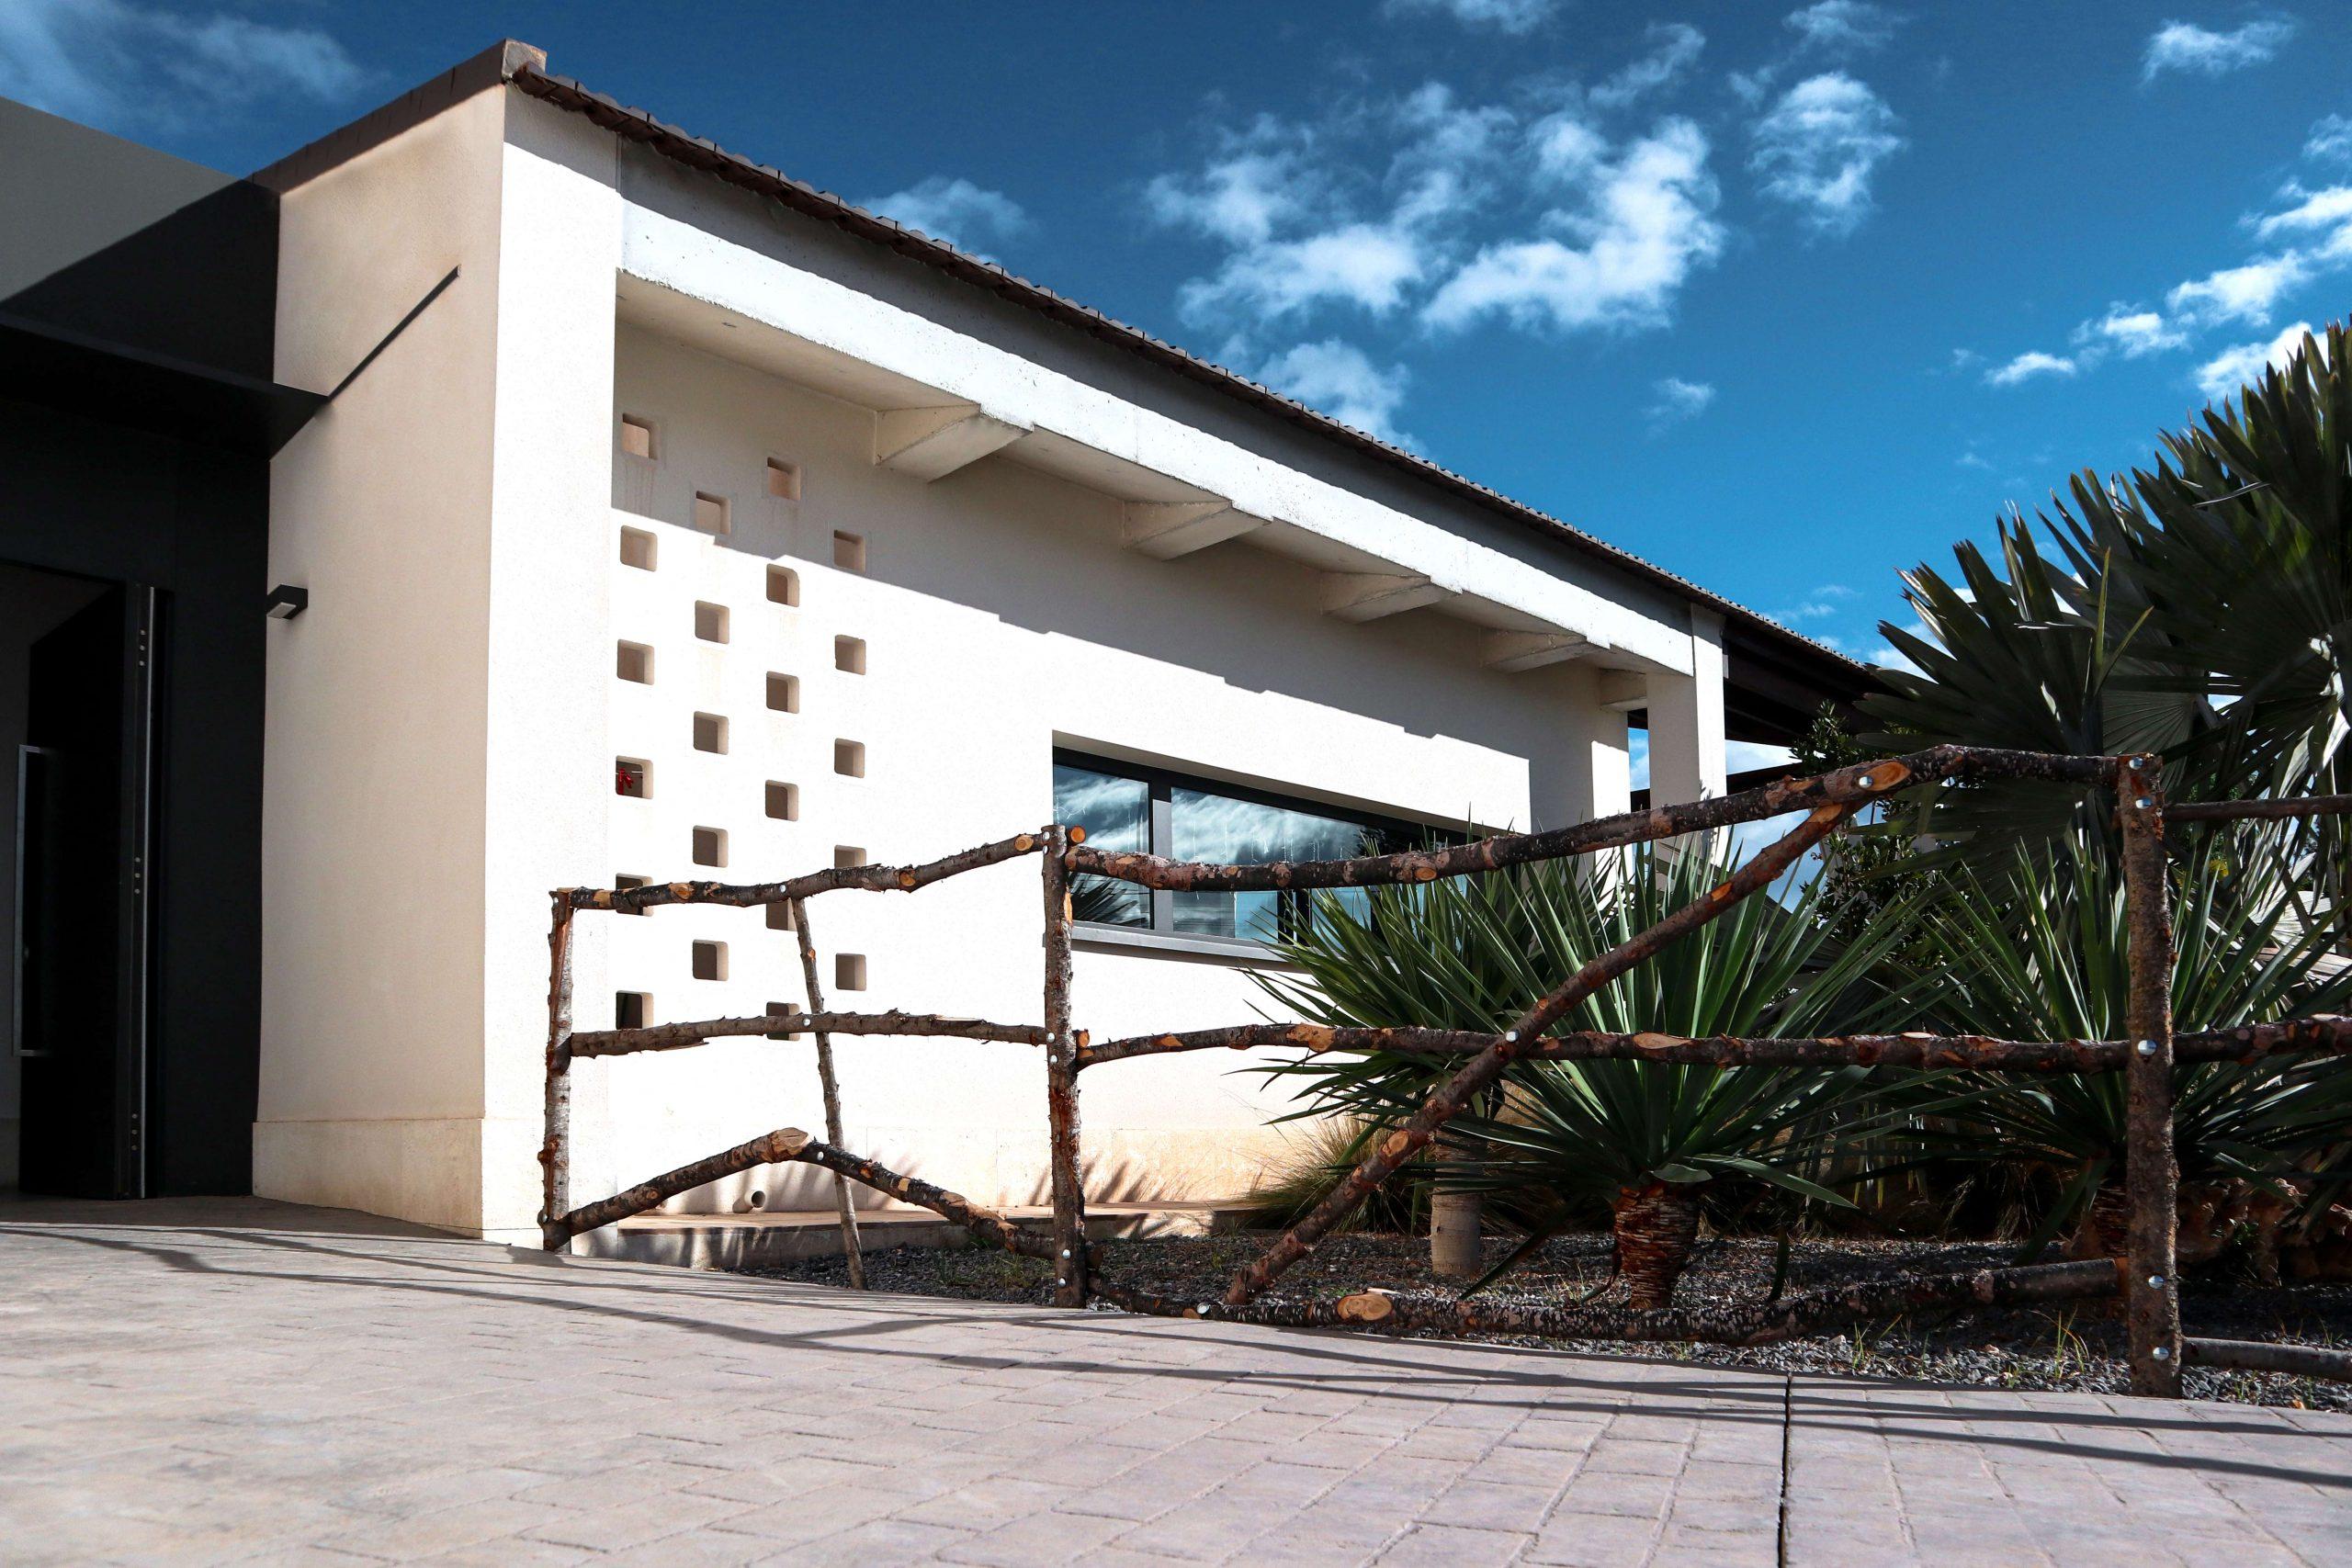 Fachada vivienda unifamiliar y jardín cercado con valla de madera rústica, arquitectura unifamiliar